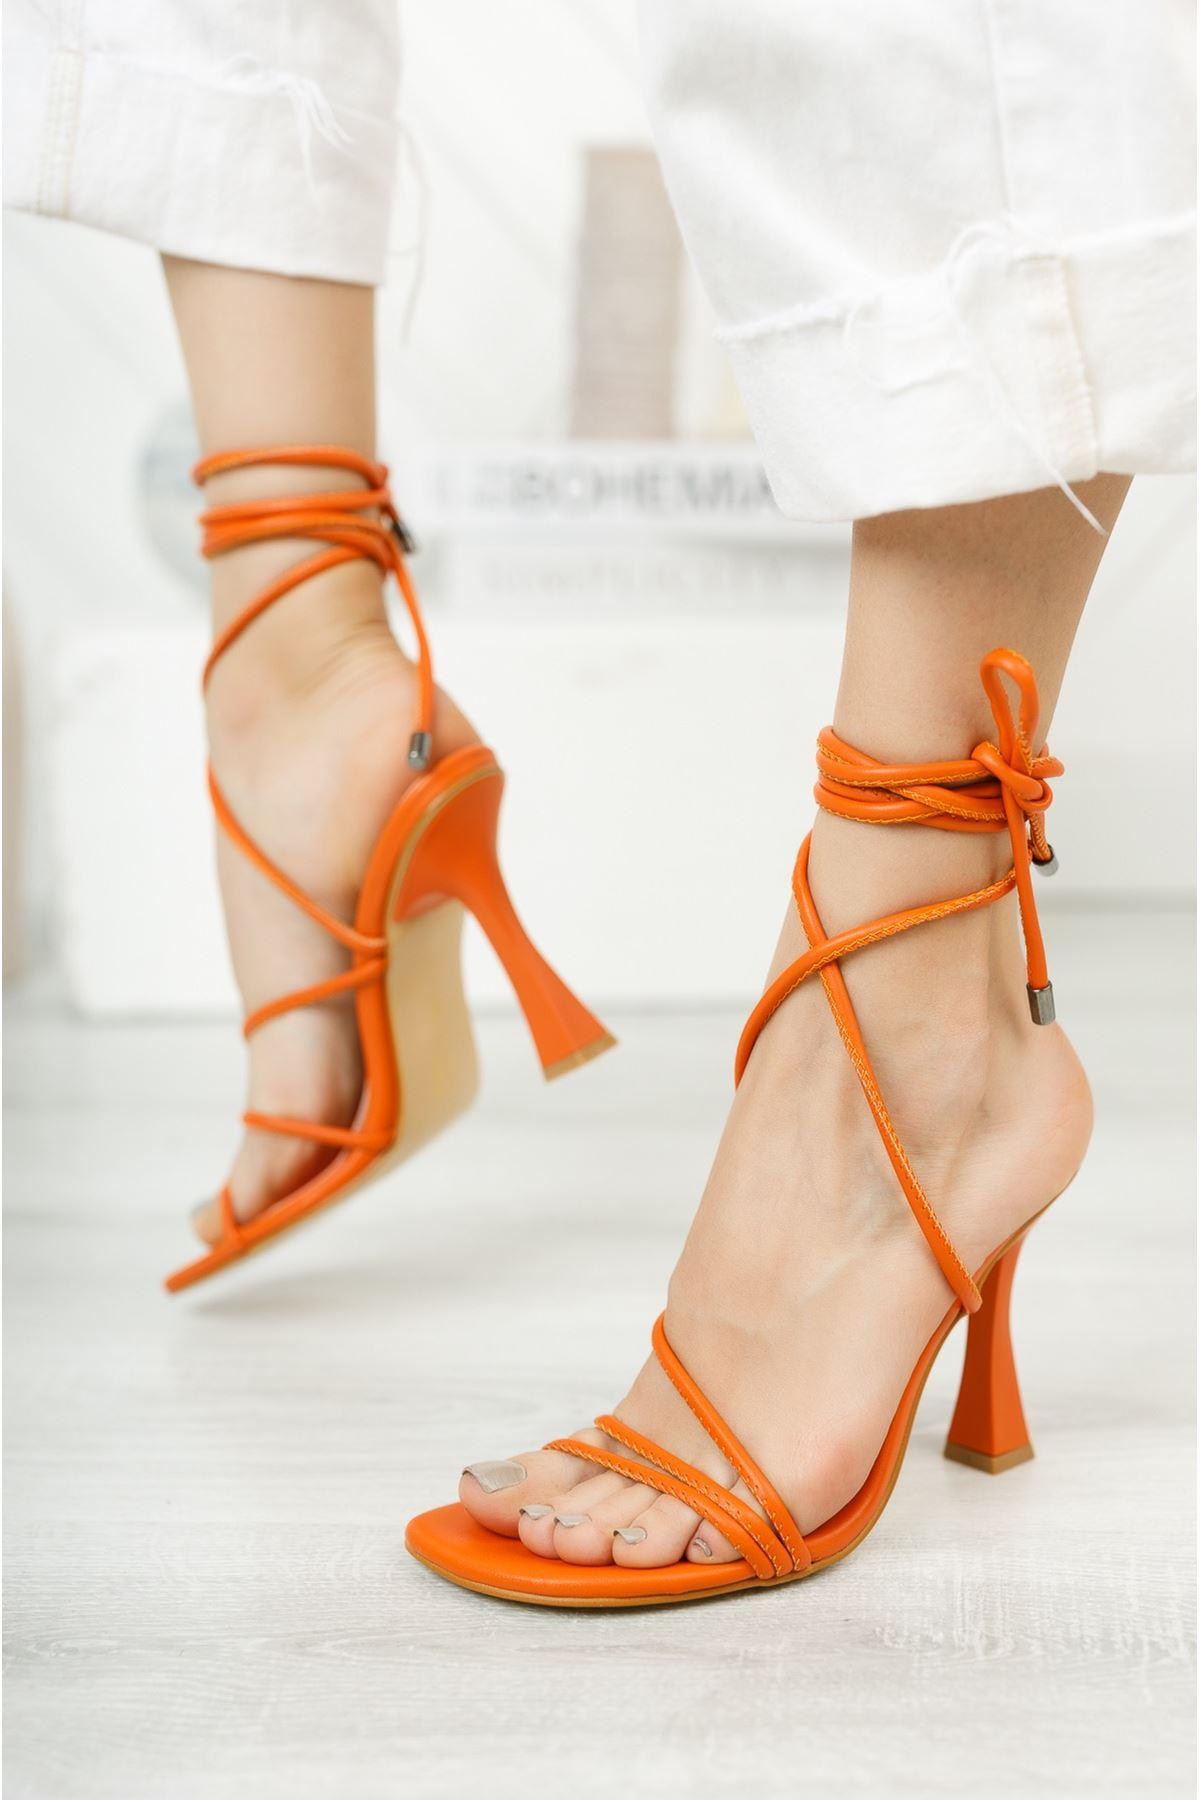 Turuncu Bilekten Bağlama Detaylı Yüksek Topuklu Ayakkabı